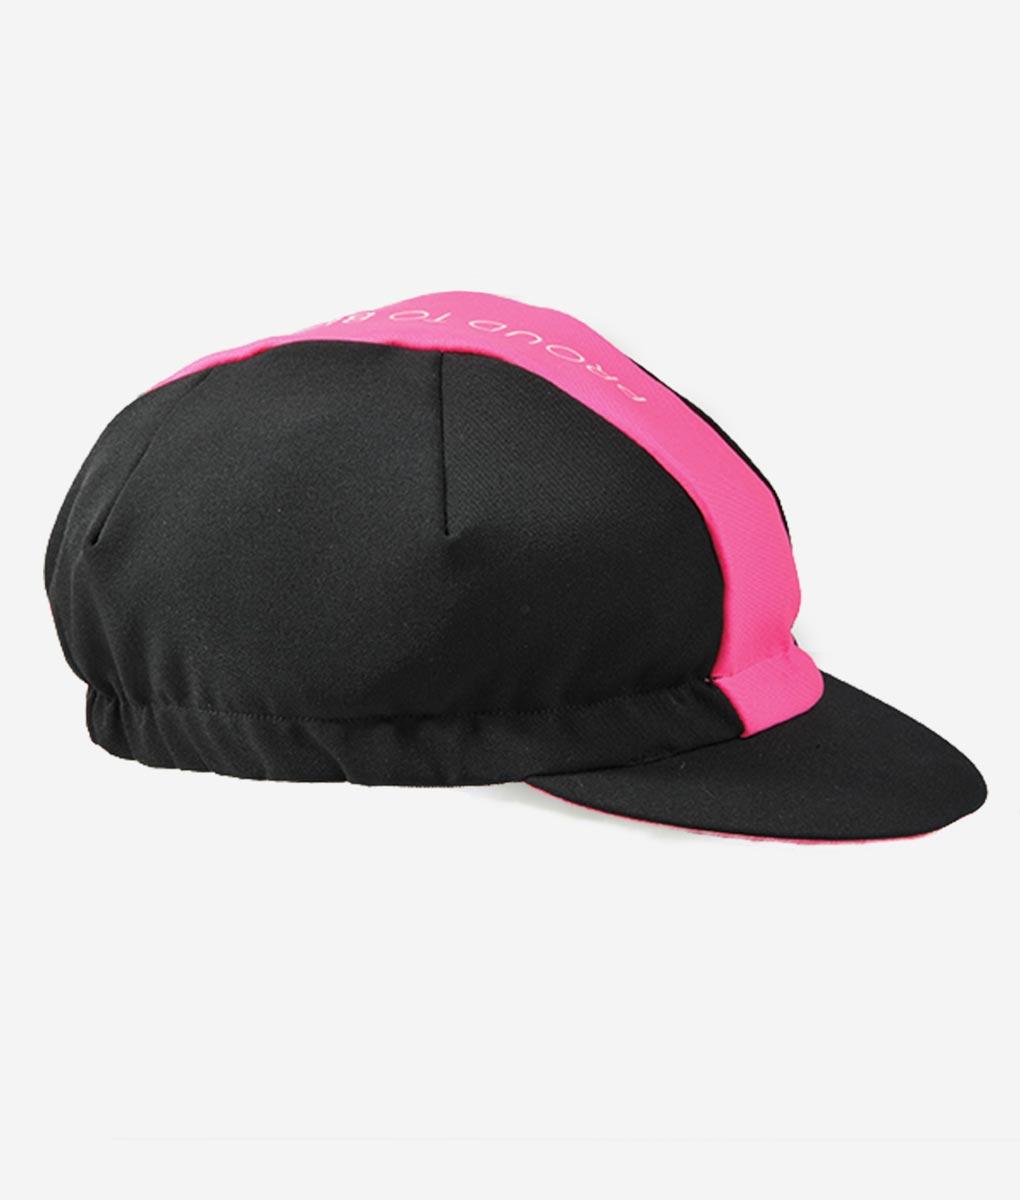 Pink-fluor-cycling-cap-transparent